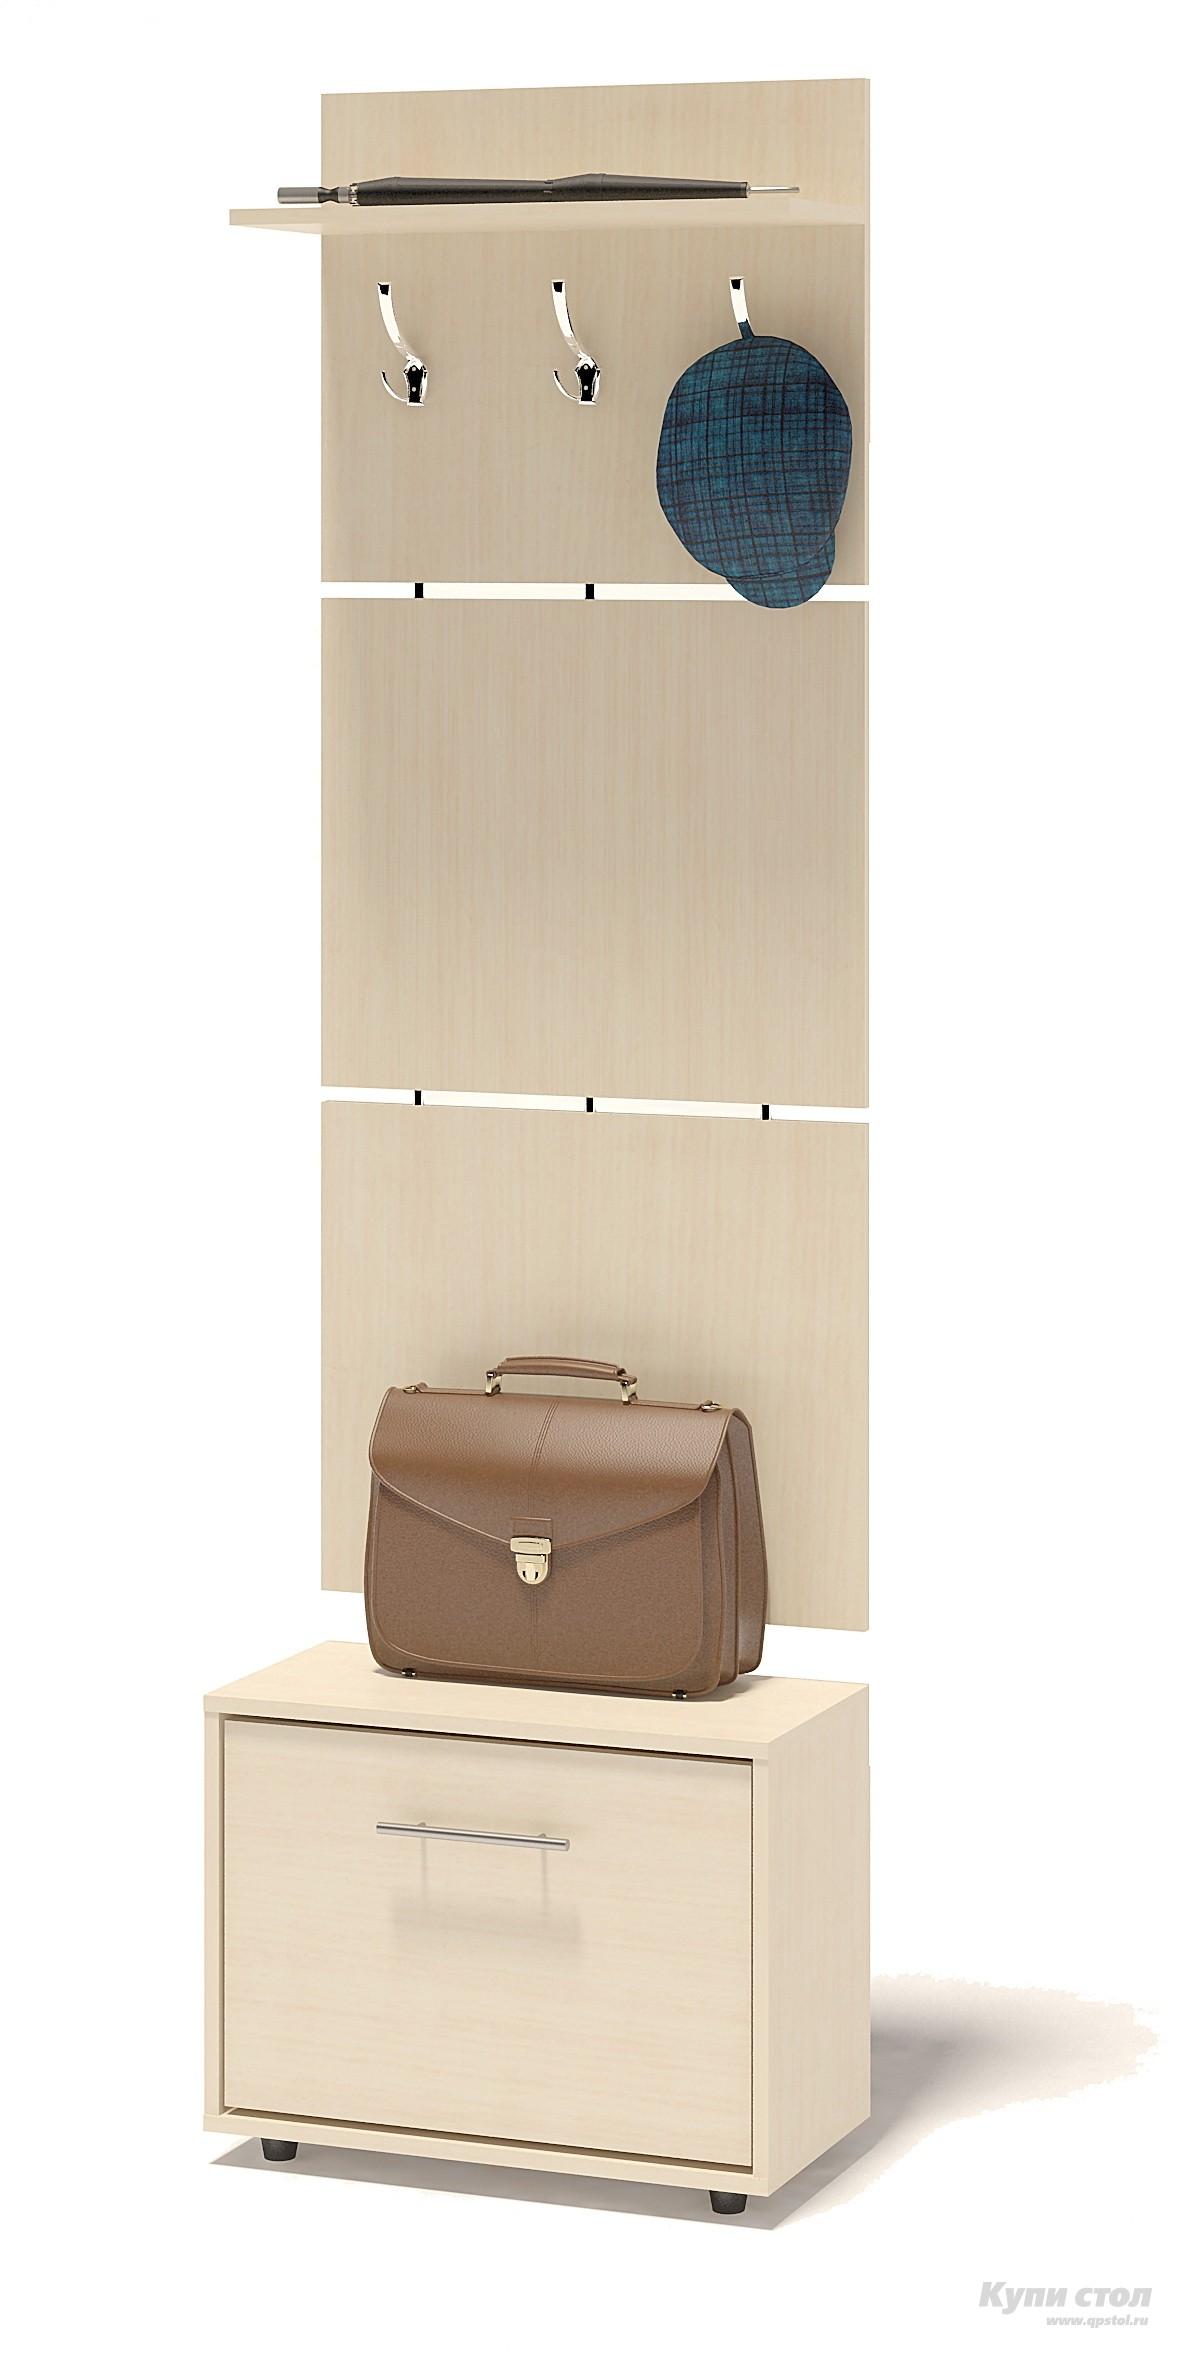 Прихожая Сокол ТП-1 + ВШ-5.1 Беленый дубПрихожие в коридор<br>Габаритные размеры ВхШхГ 1961x600x287 мм. Навесная вешалка, выполненная в современном стиле.  Позволит разместить сезонную одежду всей семьи.  Вешалка состоит из 3-х панелей соединенных металлическими вставками.  Полка, закрепленная над крючками для одежды, предназначена специально для головных уборов и зонтов.  Максимальная нагрузка на полку составляет 5кг.  Компактная тумба для обуви, шириной 600 мм.  Дверь оснащена откидывающимся механизмом со специальными полками для размещения обуви, который обеспечивает удобство хранения и легкий доступ к необходимой паре кроссовок или туфлей.  Изделие поставляется в разобранном виде.  Хорошо упаковано в гофротару вместе с необходимой фурнитурой для сборки и подробной инструкцией.   Изготовлена из высококачественной ДСП 16 мм.   Отделывается кромкой ПВХ 0. 4 мм.   Поставляется в разобранном виде Рекомендуем сохранить инструкцию по сборке (паспорт изделия) до истечения гарантийного срока.<br><br>Цвет: Светлое дерево<br>Высота мм: 1961<br>Ширина мм: 600<br>Глубина мм: 287<br>Кол-во упаковок: 2<br>Форма поставки: В разобранном виде<br>Срок гарантии: 2 года<br>Тип: Прямые<br>Характеристика: Модульные<br>Материал: ЛДСП<br>Размер: Узкие<br>Размер: Глубина до 30 см<br>Размер: Глубина до 35 см<br>С открытой вешалкой: Да<br>С обувницей: Да<br>Без шкафа: Да<br>Стиль: Современный